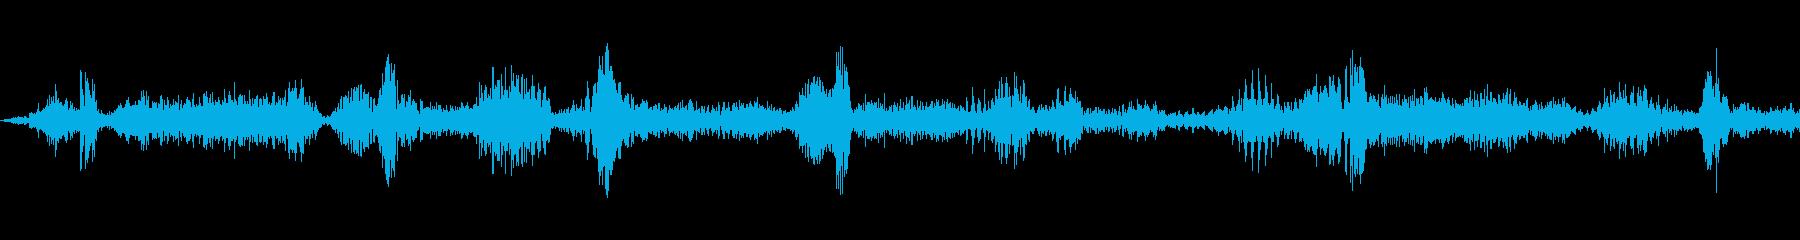 ラジオスキャン3の調整の再生済みの波形